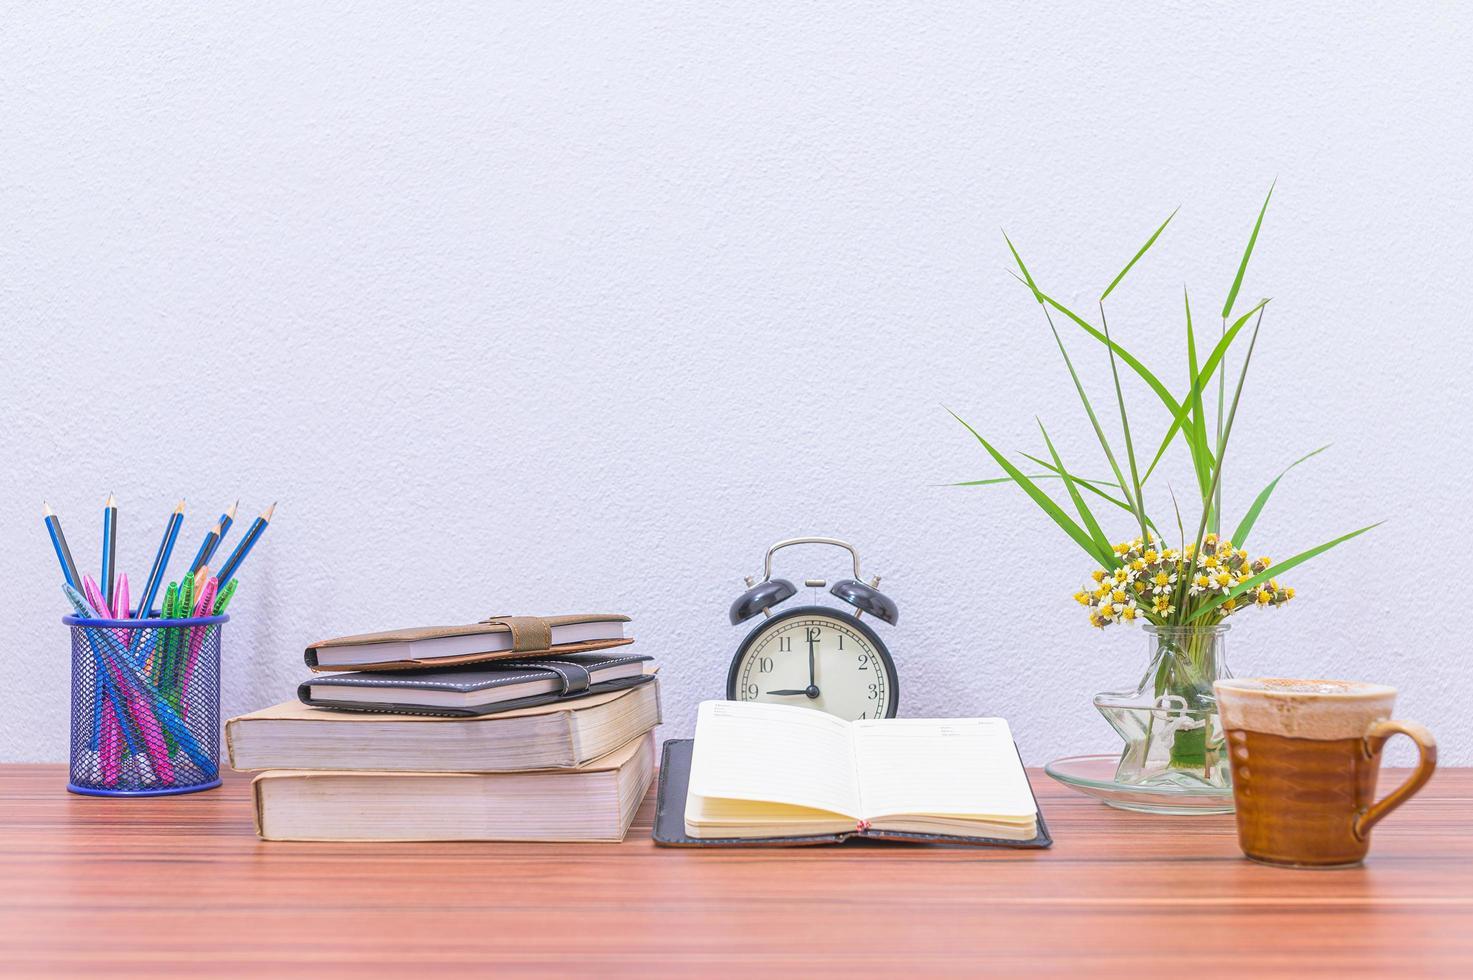 libri e fiori sulla scrivania foto